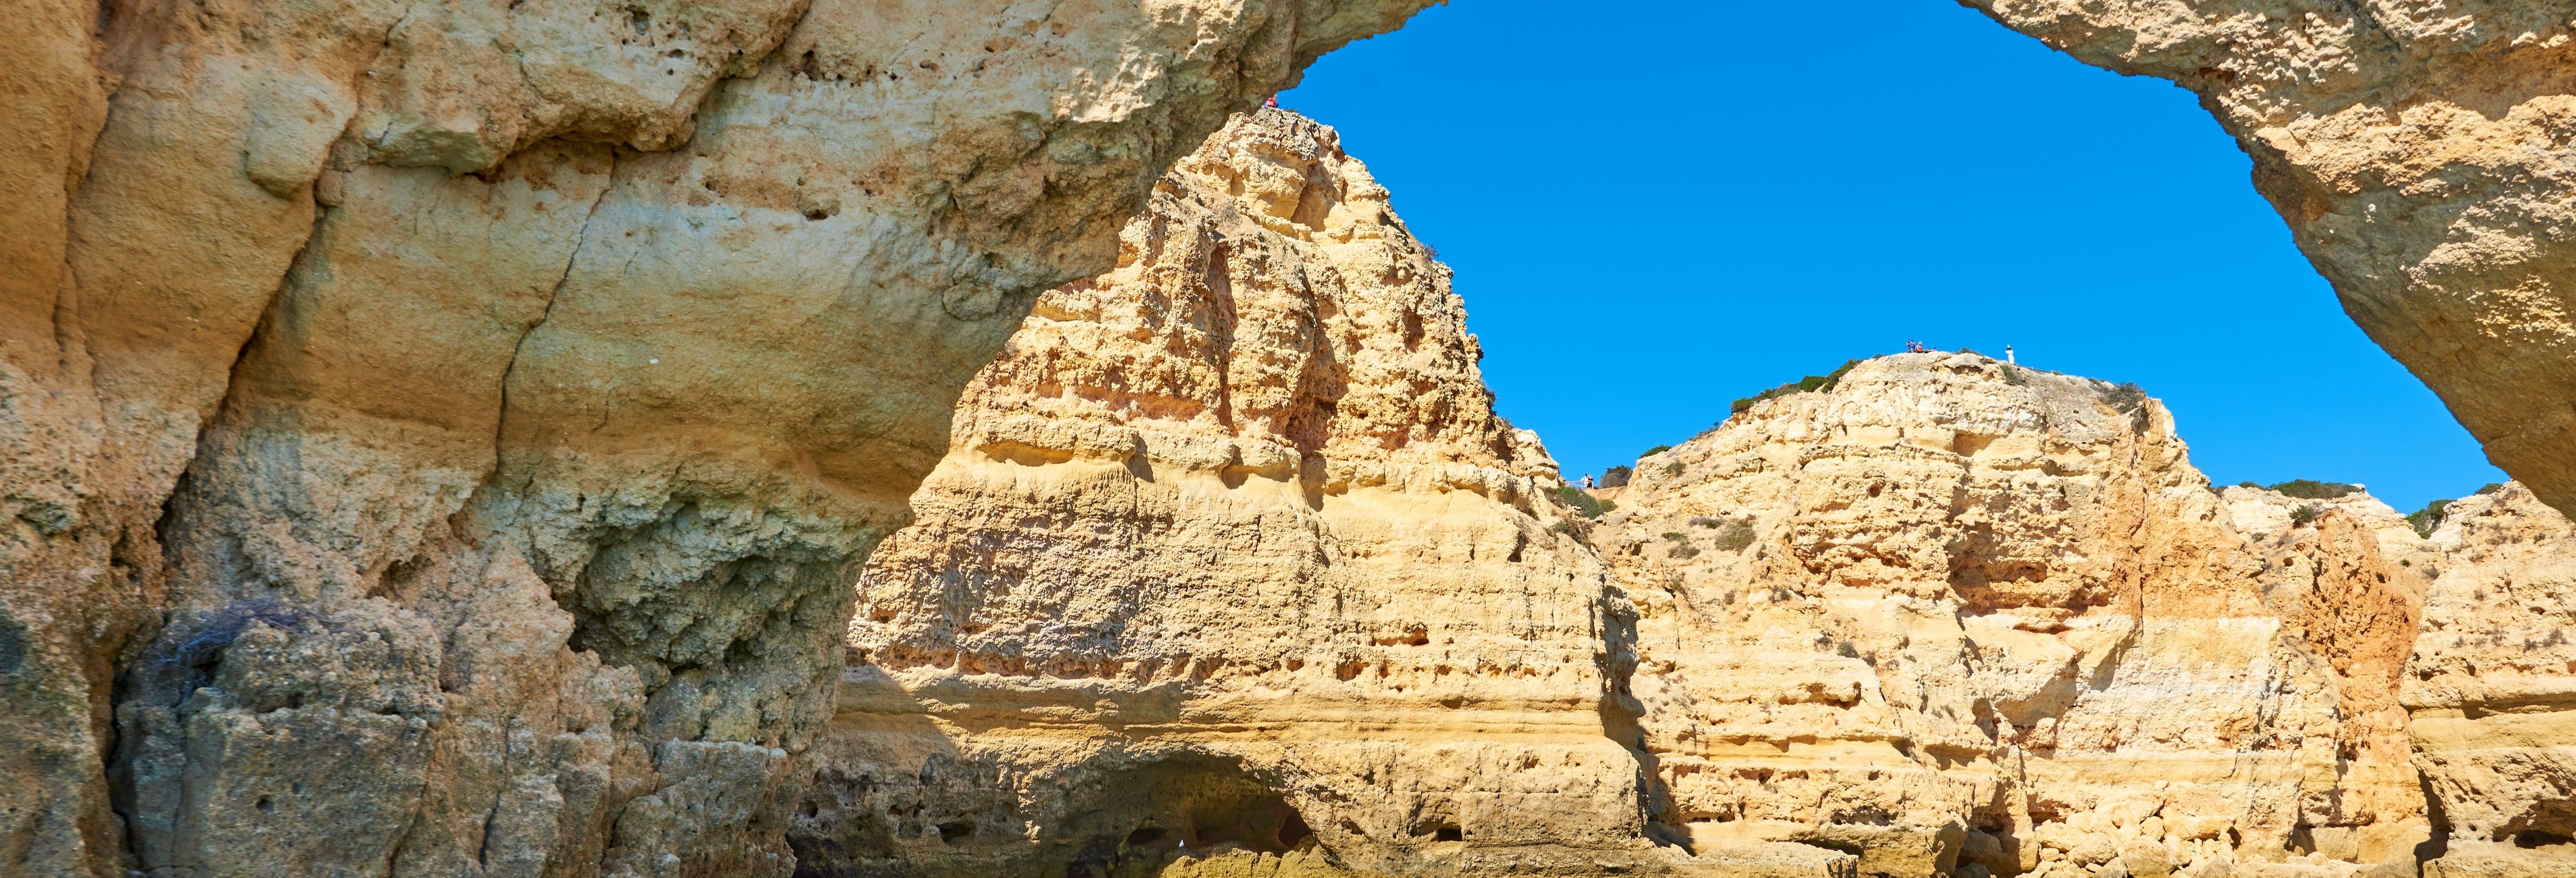 Balade en bateau dans les grottes de Benagil + Snorkeling